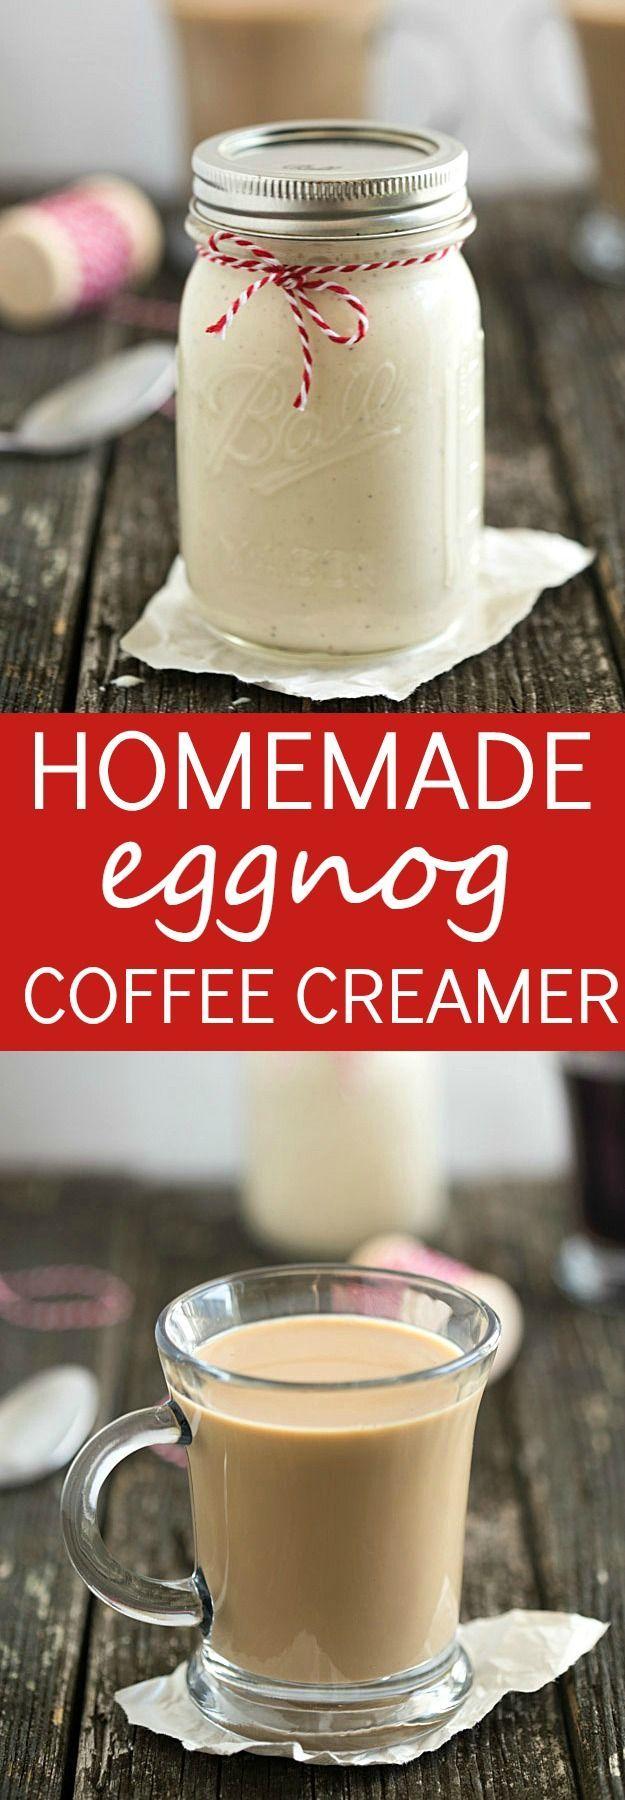 Homemade Eggnog Coffee Creamer Recipe Homemade eggnog